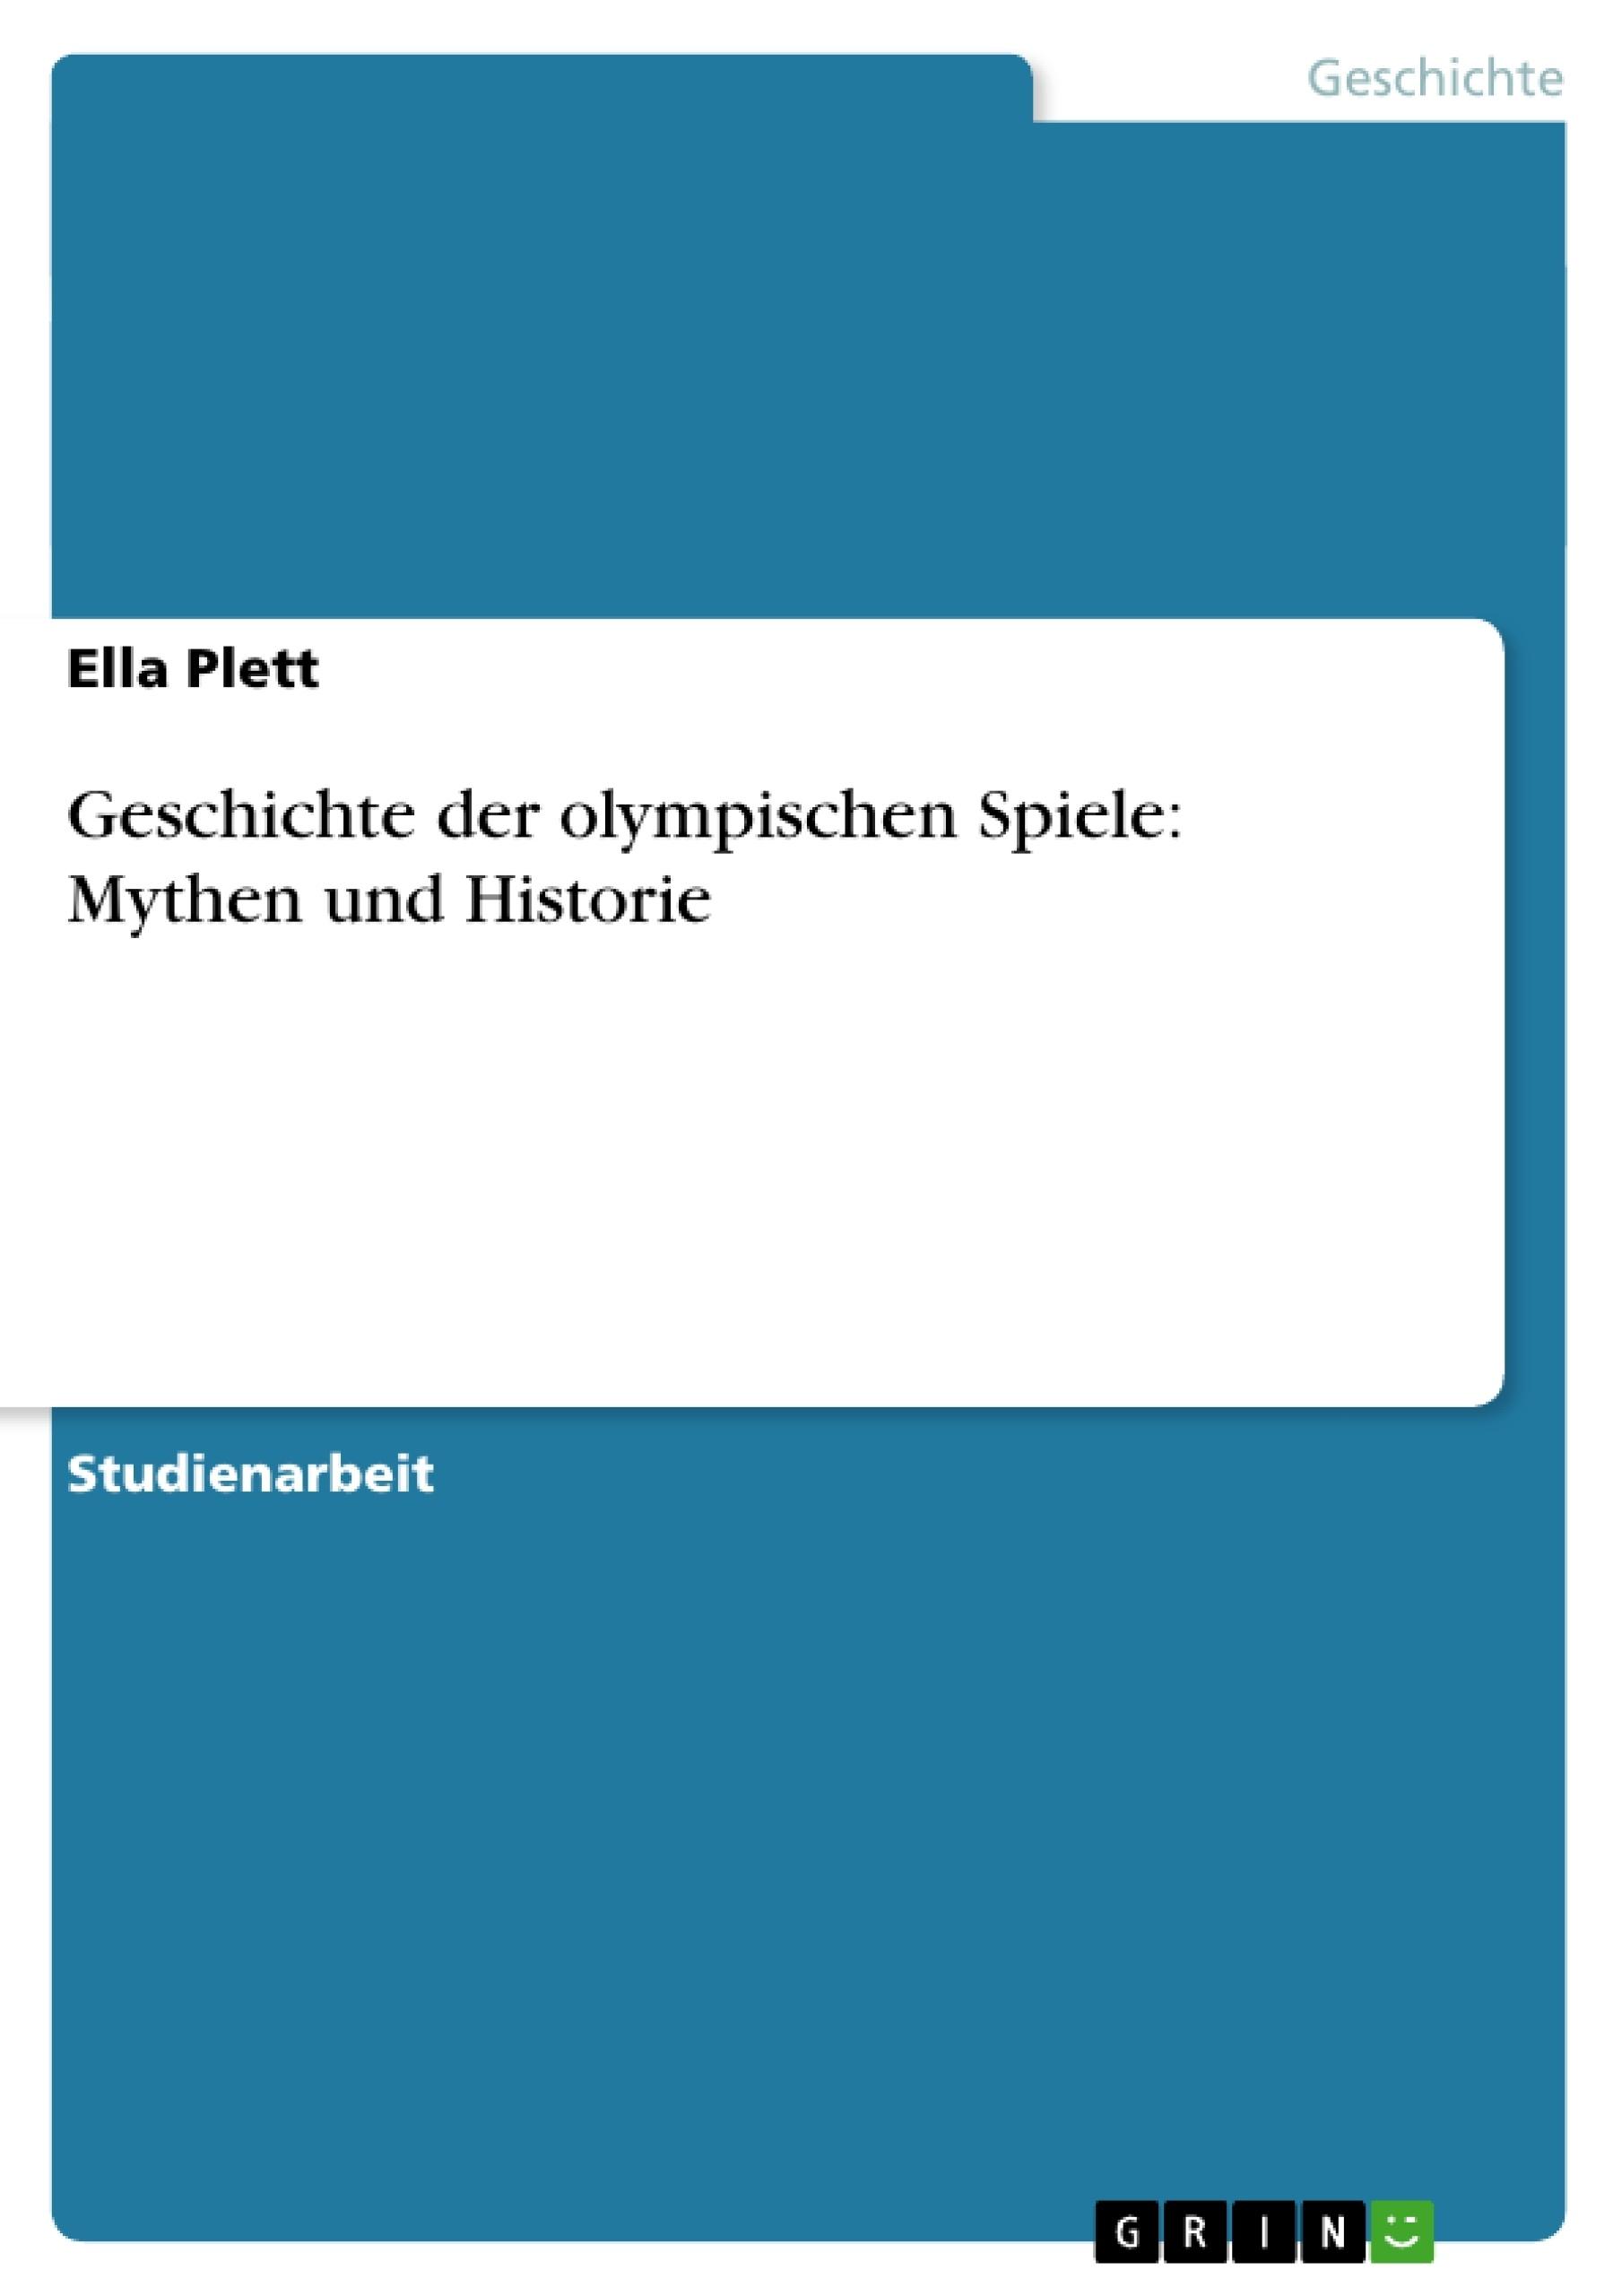 Titel: Geschichte der olympischen Spiele: Mythen und Historie